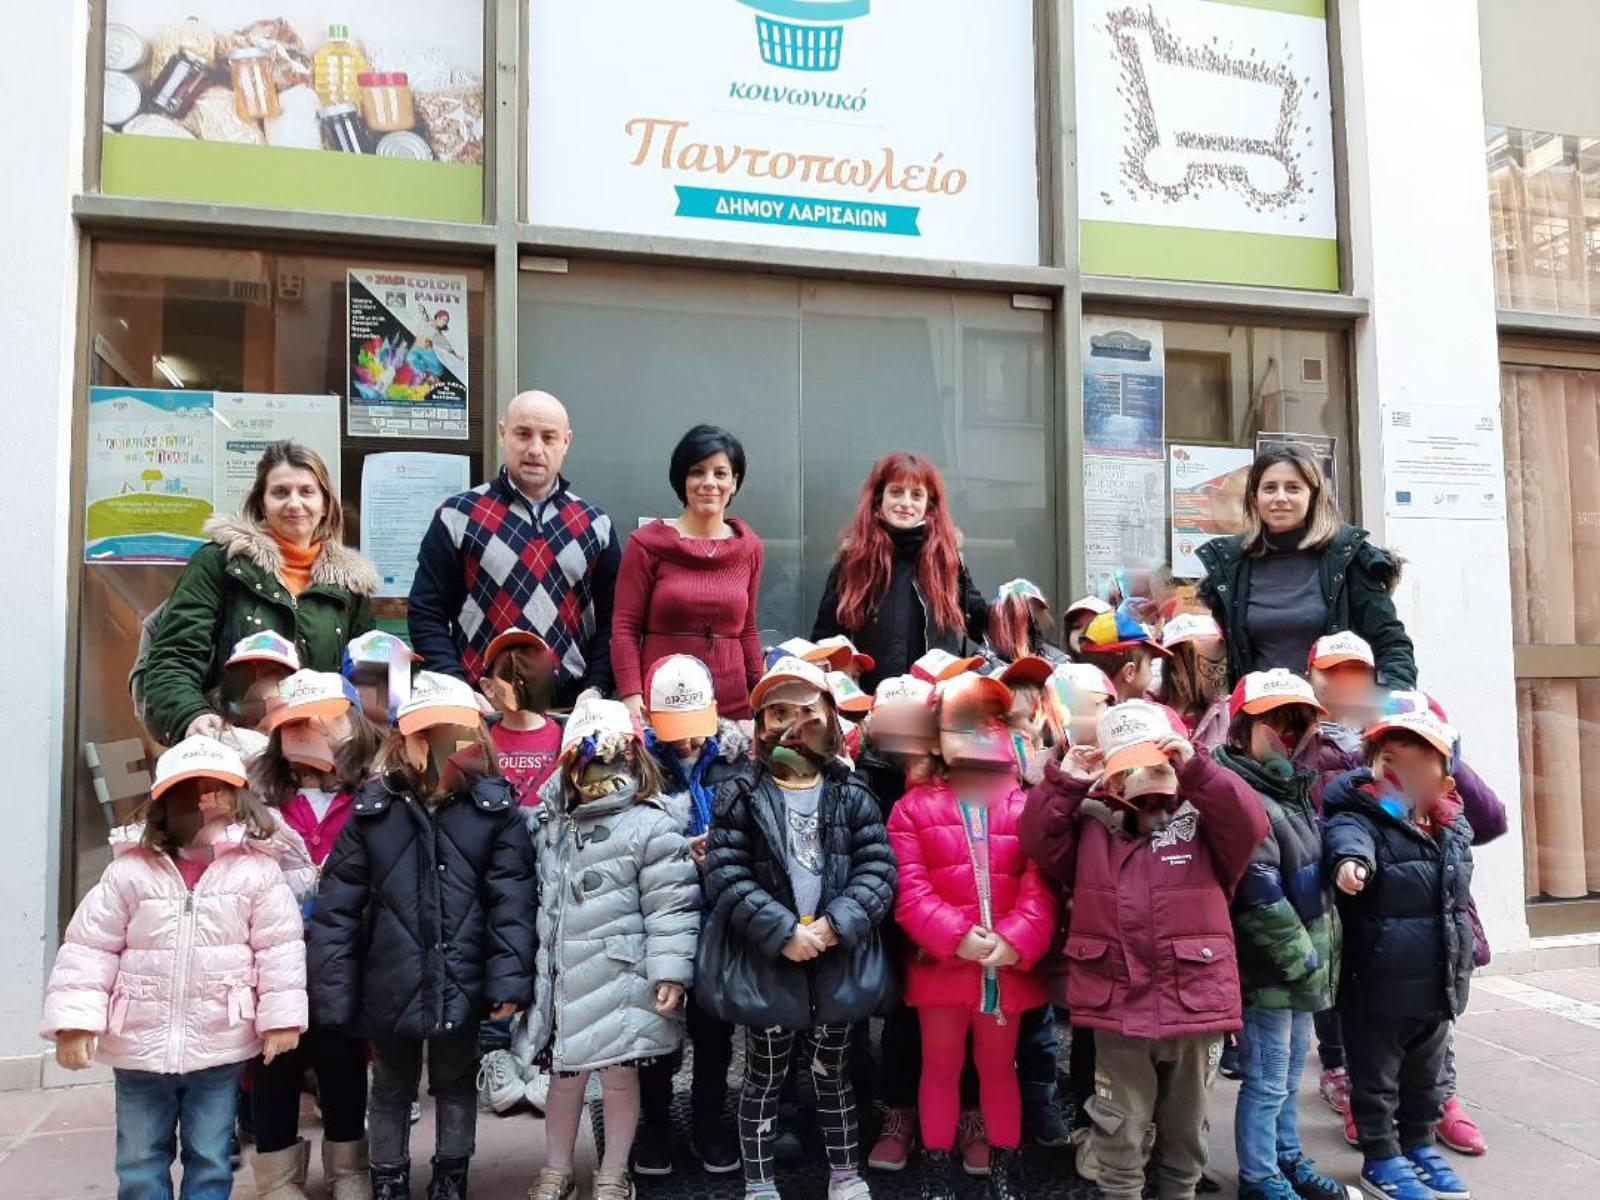 Ο παιδικός σταθμός και νηπιαγωγείο ''SNOOPY'' επισκέφθηκαν το Κοινωνικό Παντοπωλείο